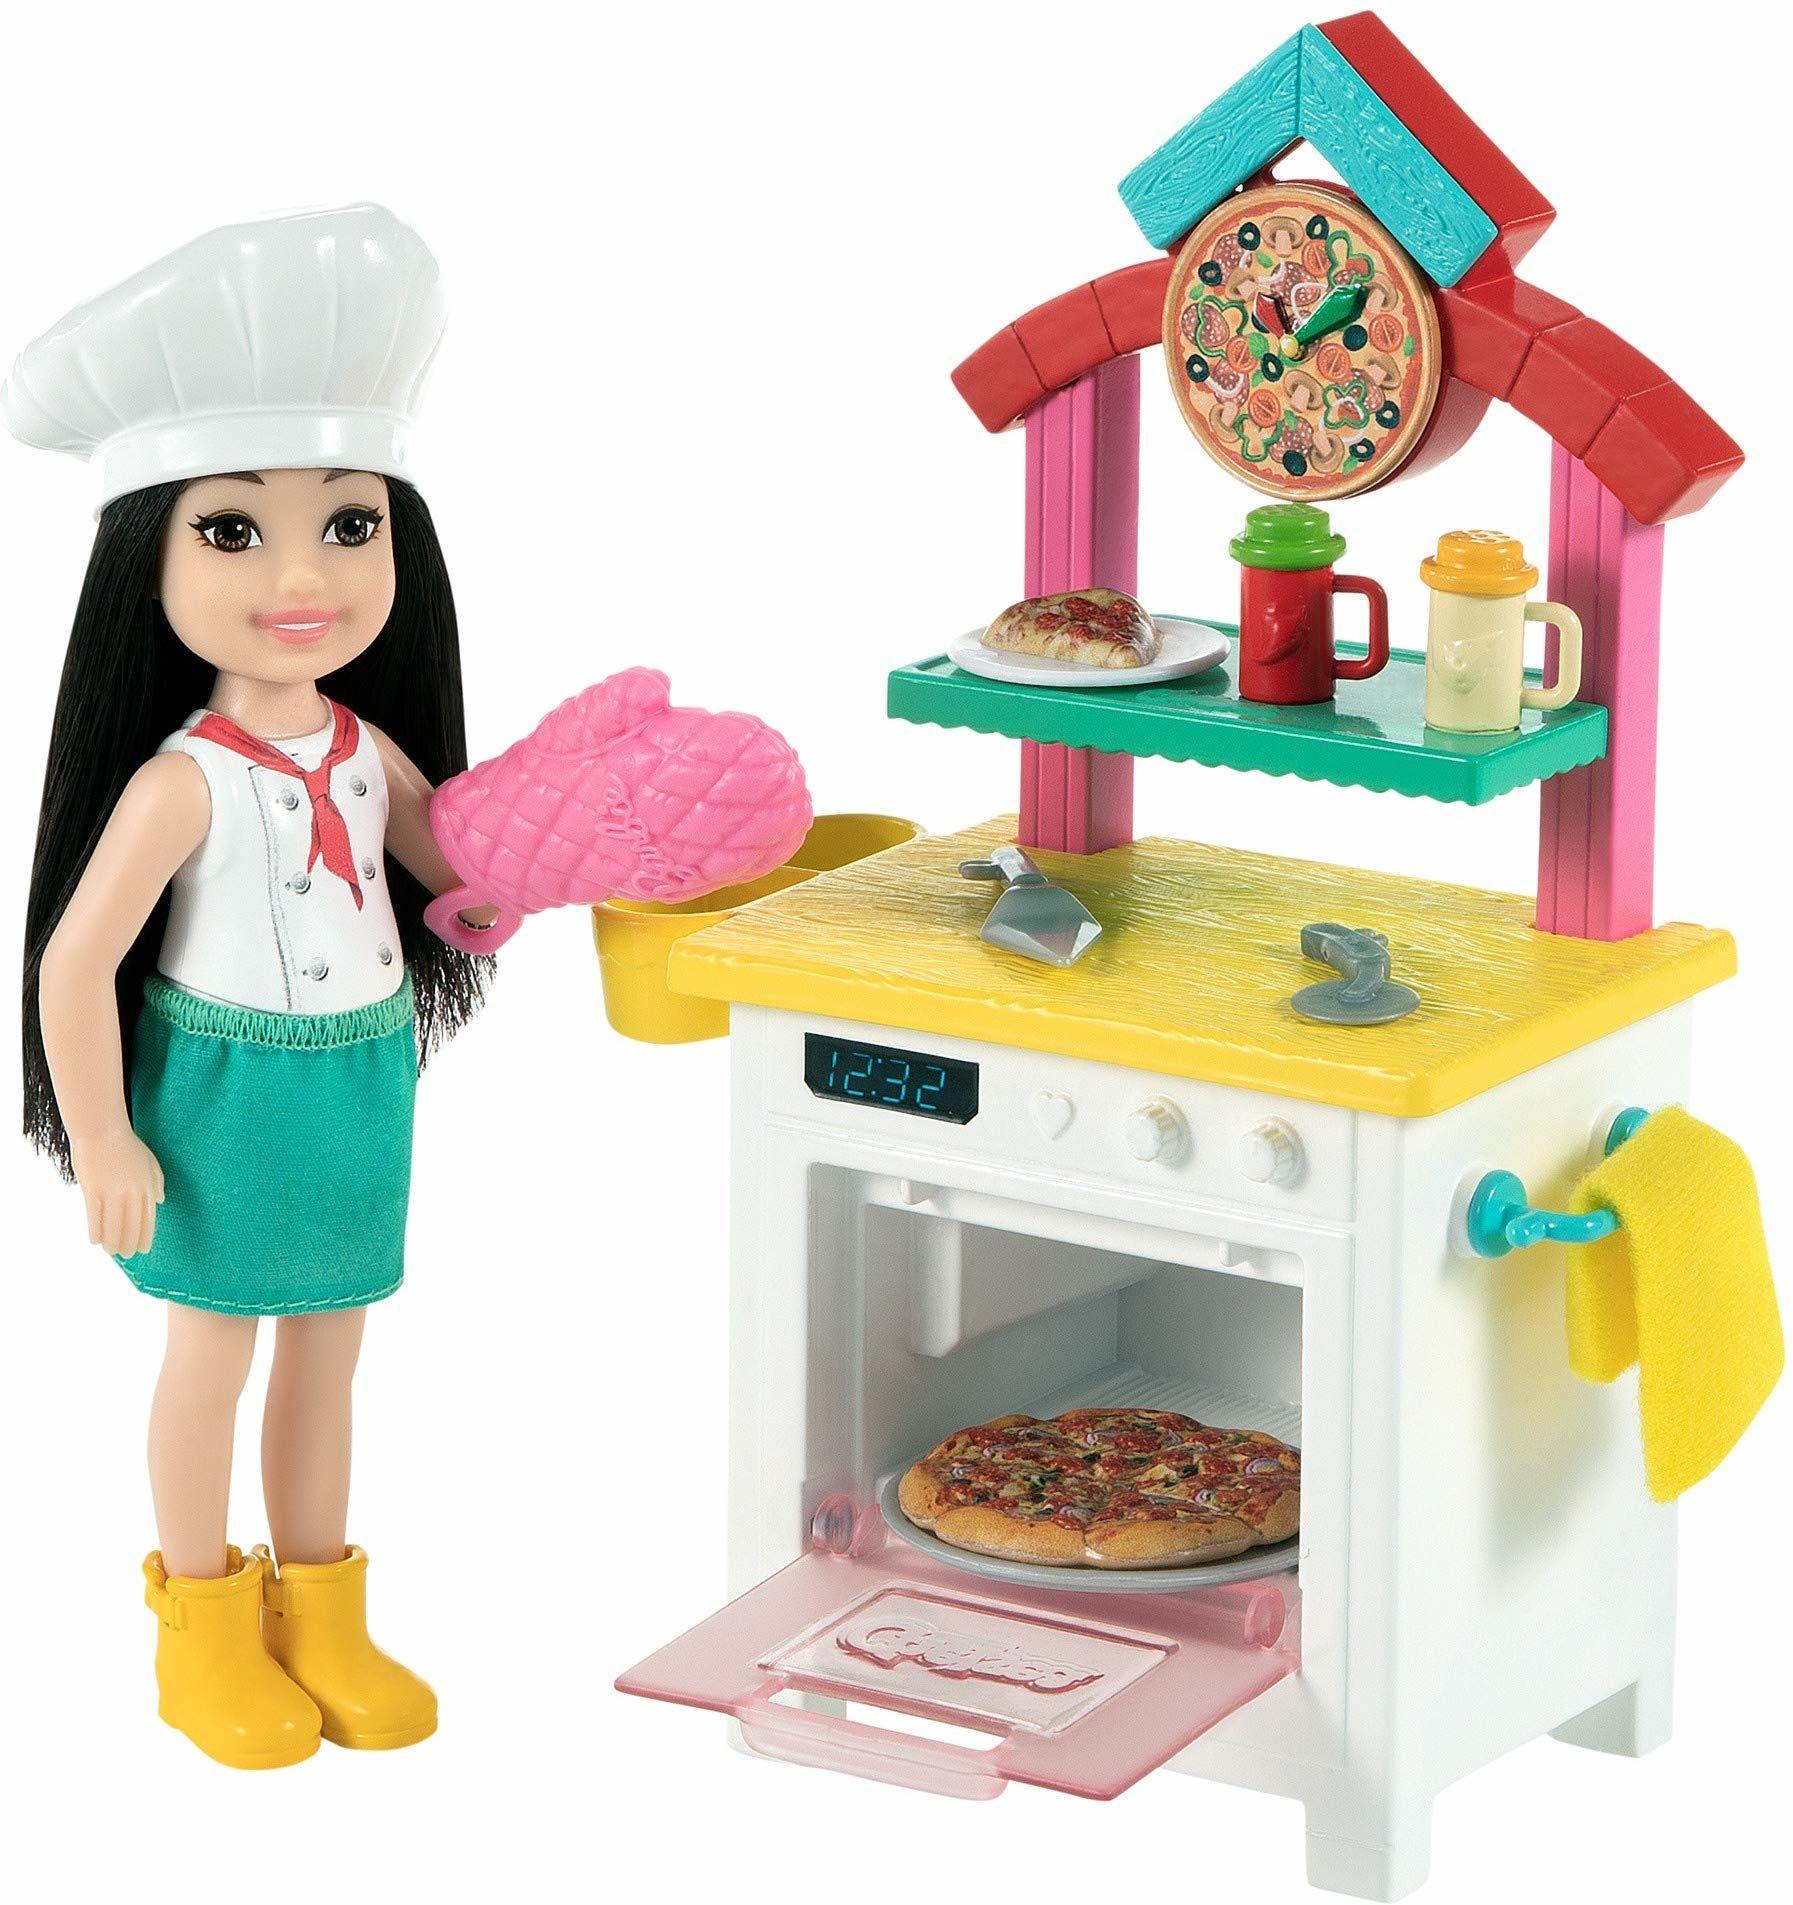 Barbie GTN63 - Chelsea pizza z brązową lalką Chelsea (ok. 15 cm), piecyk do pizzy, 2 puszki na przyprawy, miseczka do pizzy i inne, wspaniały prezent dla dzieci od 3 roku życia